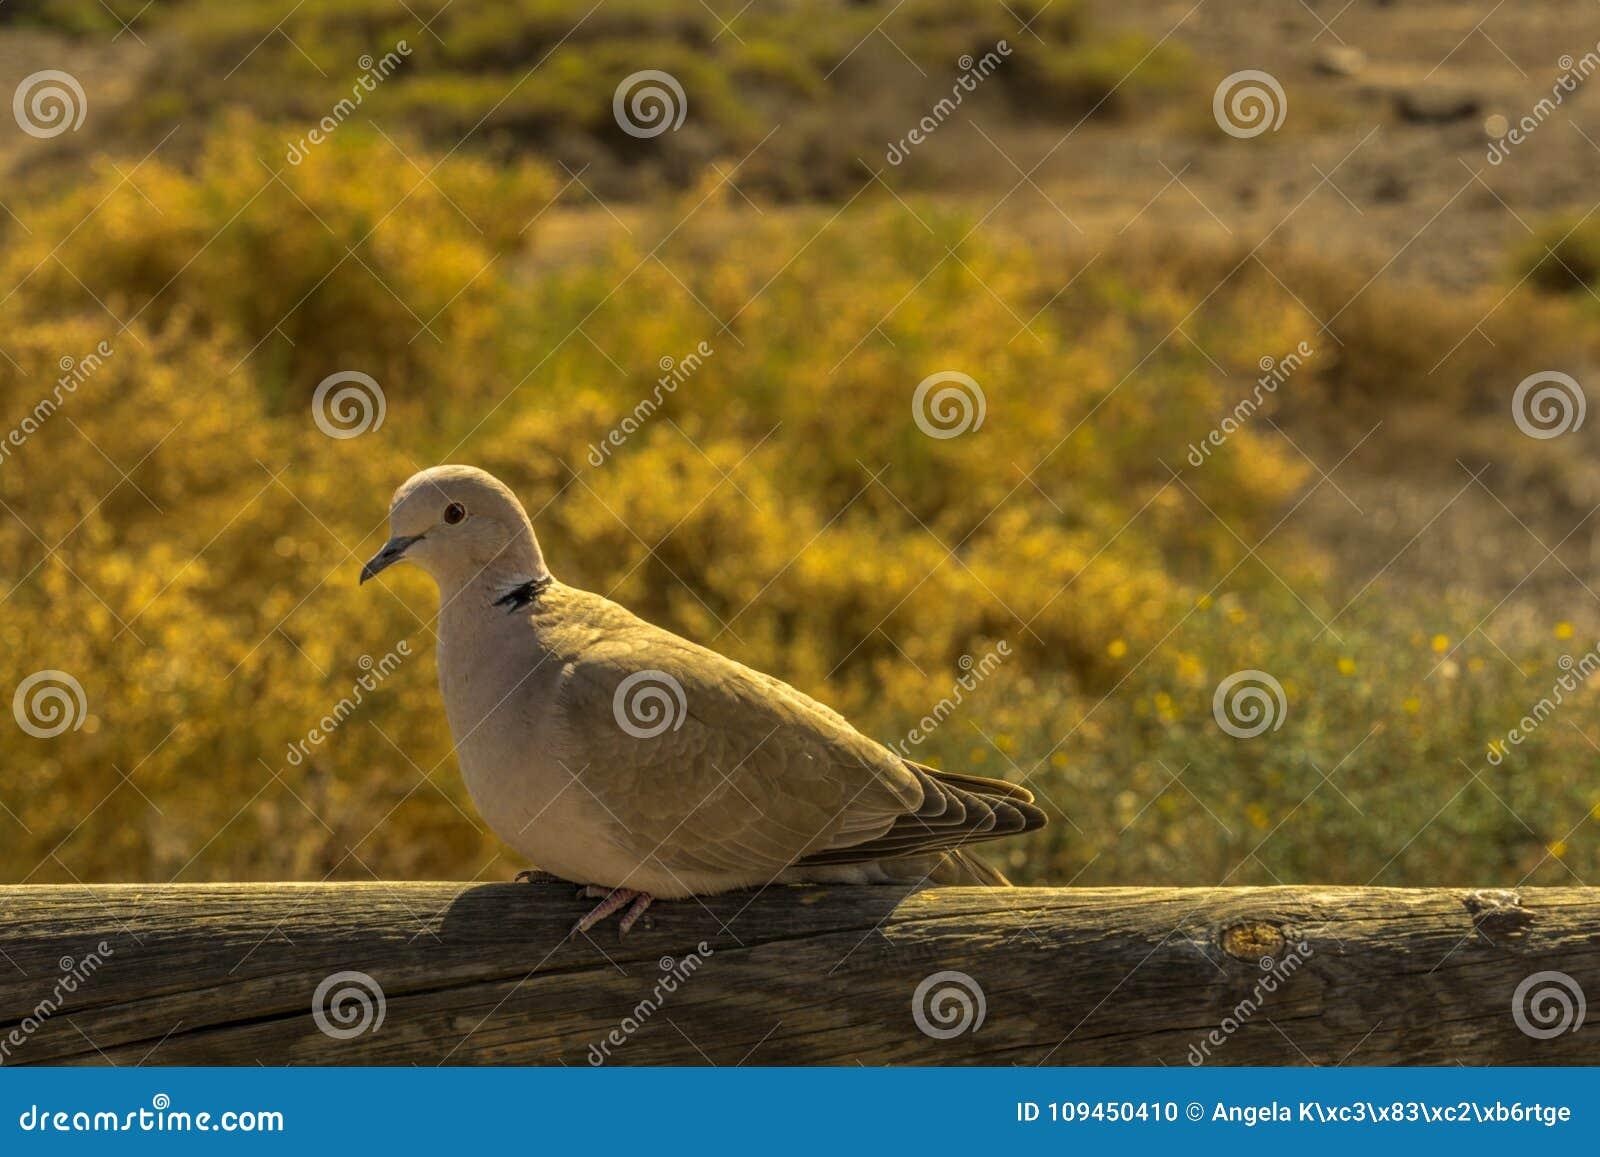 Голубь сидит на деревянном обнести солнечность